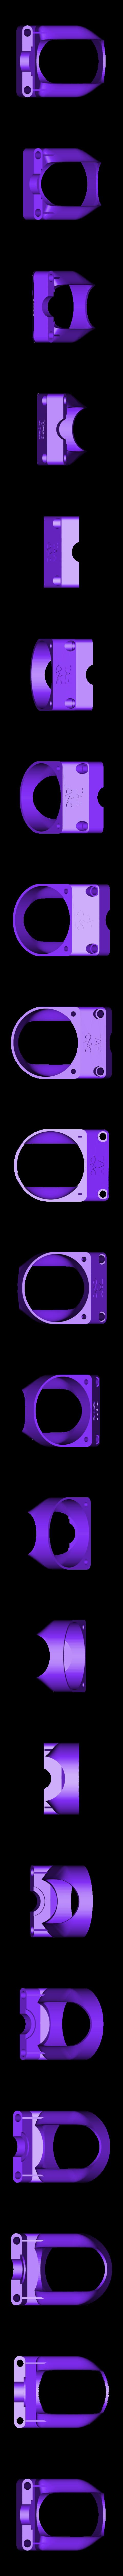 Fanholder06.STL Télécharger fichier STL gratuit Upgraded X-carriage for Sunhokey Prusa i3 - Integrated fans, 20mm extra Z-range and PiBot optical height sensor. • Objet pour imprimante 3D, tahustvedt